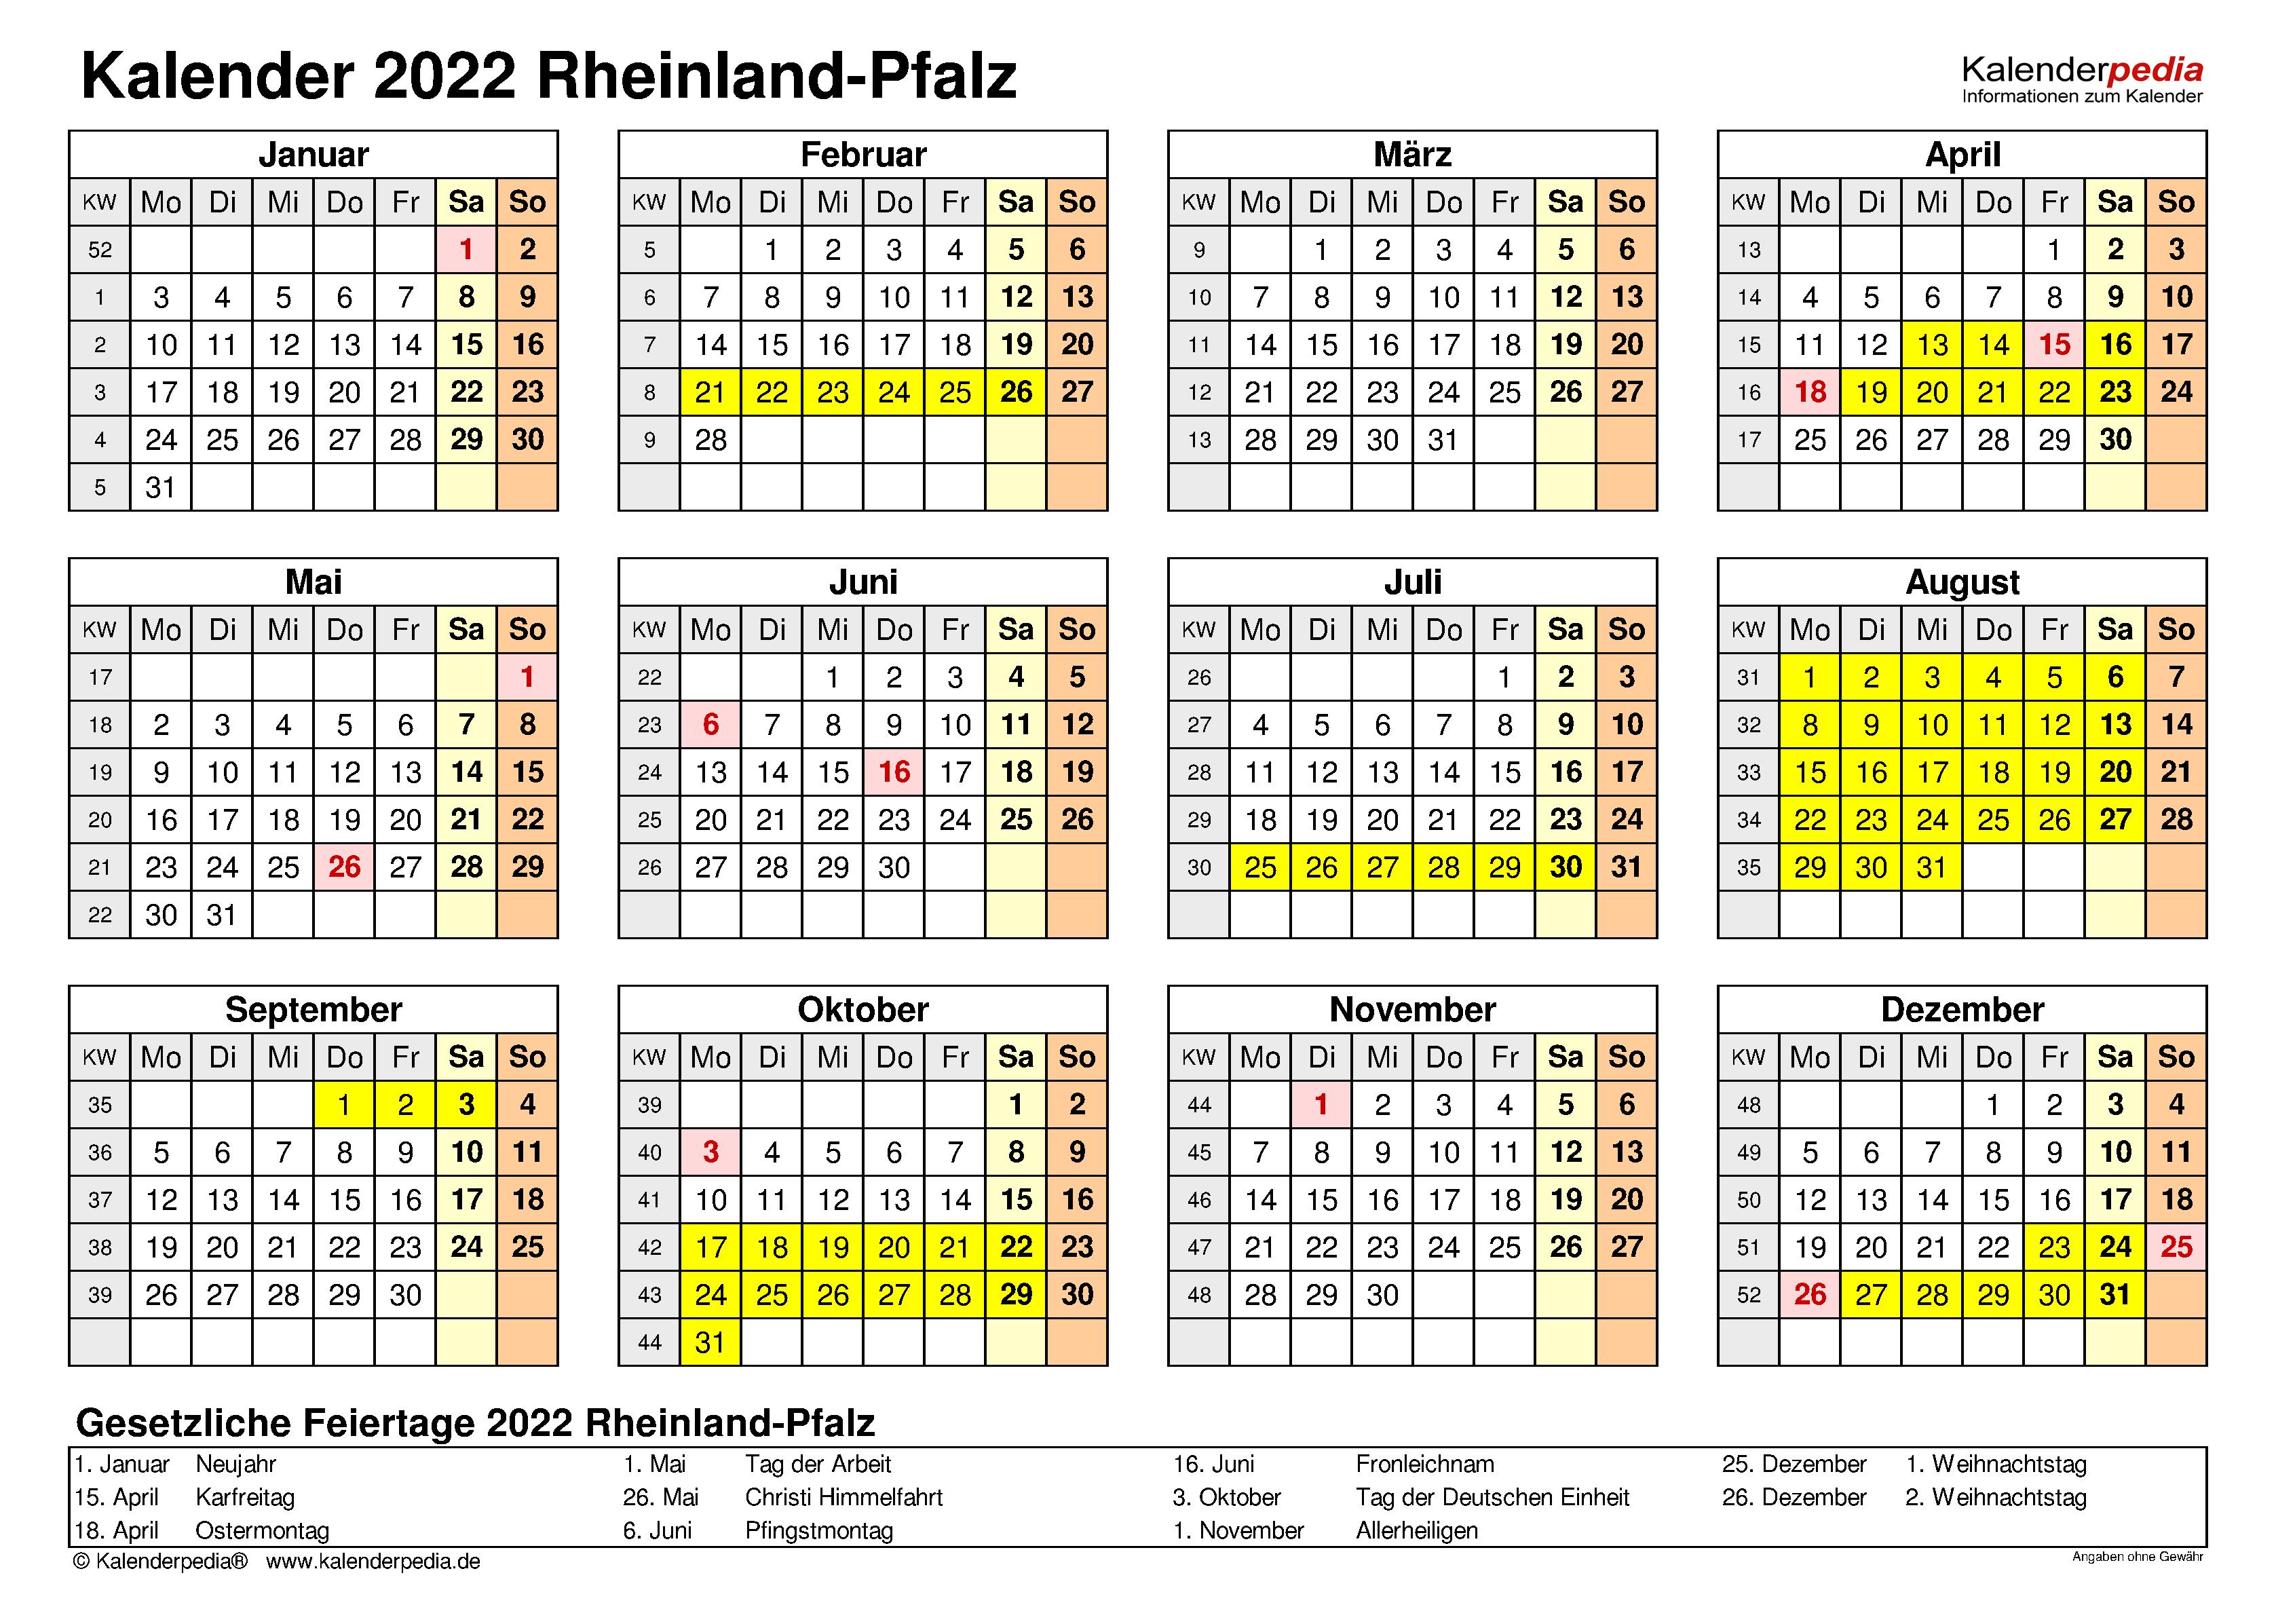 Kalender 2022 Rheinland-Pfalz: Ferien, Feiertage, Excel ...